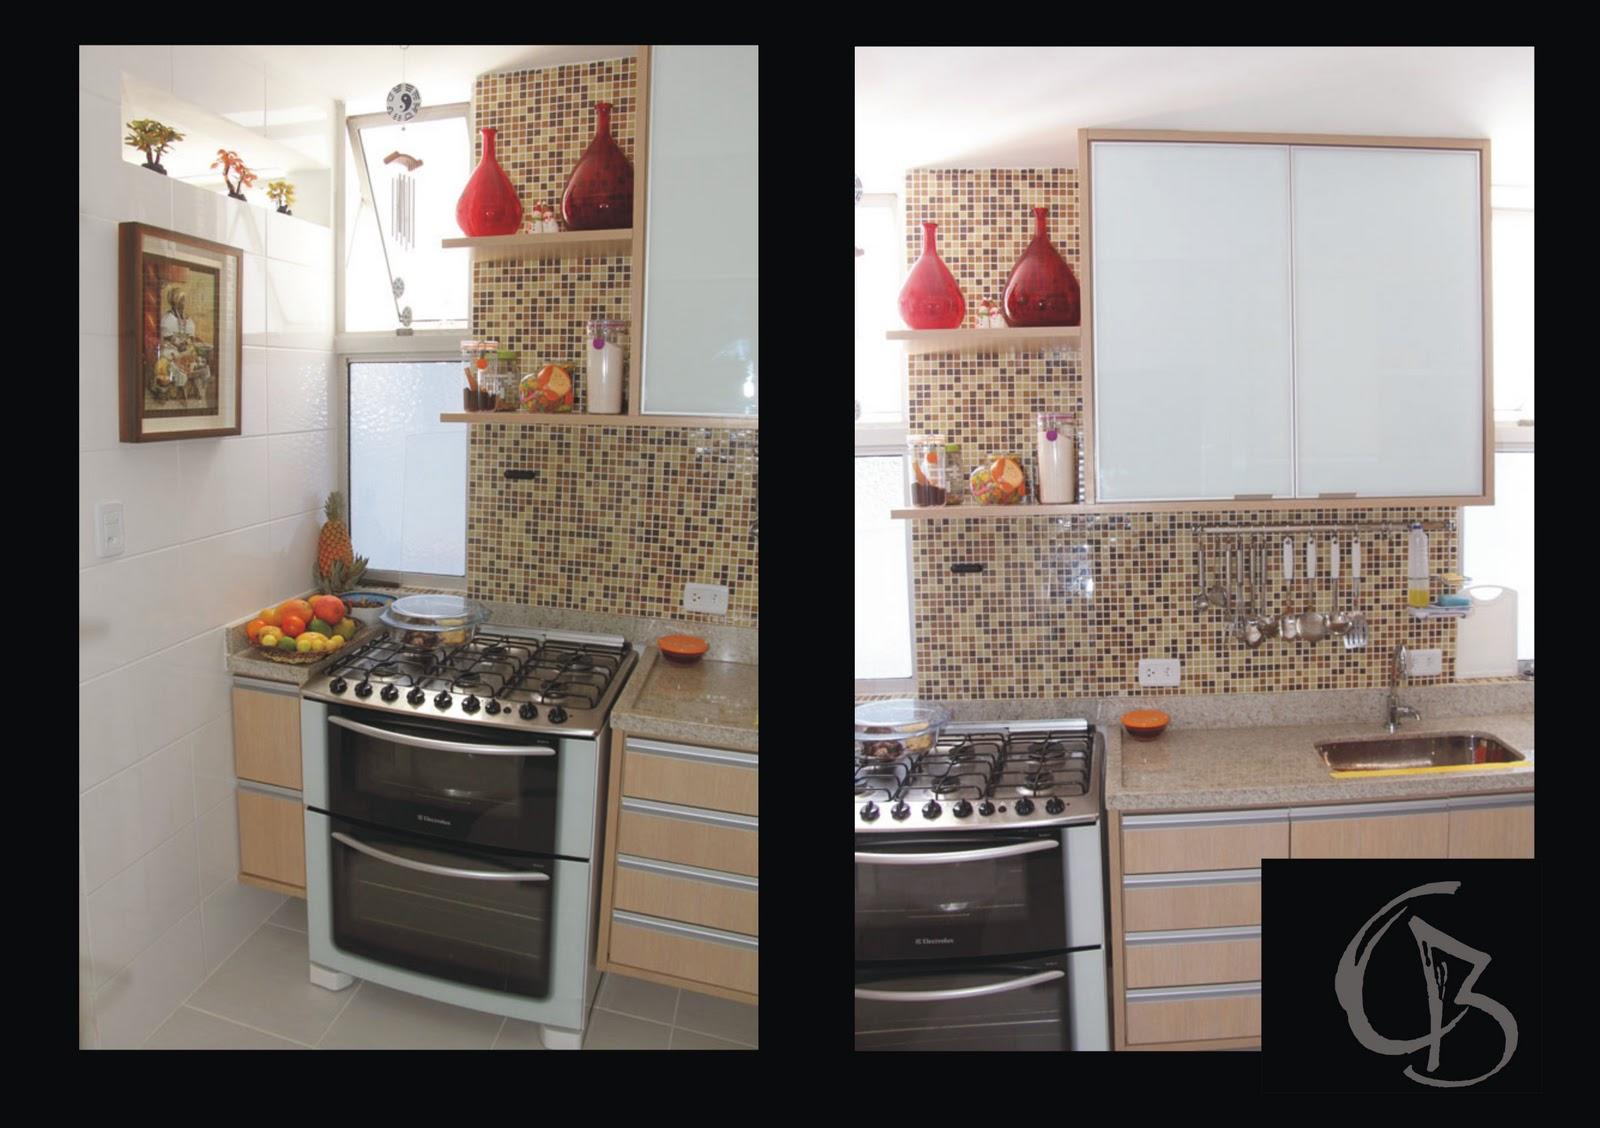 #9B3230 COZINHA APARTAMENTO IMBUÍ 1600x1128 px Projetos De Cozinha Para Apartamento #379 imagens